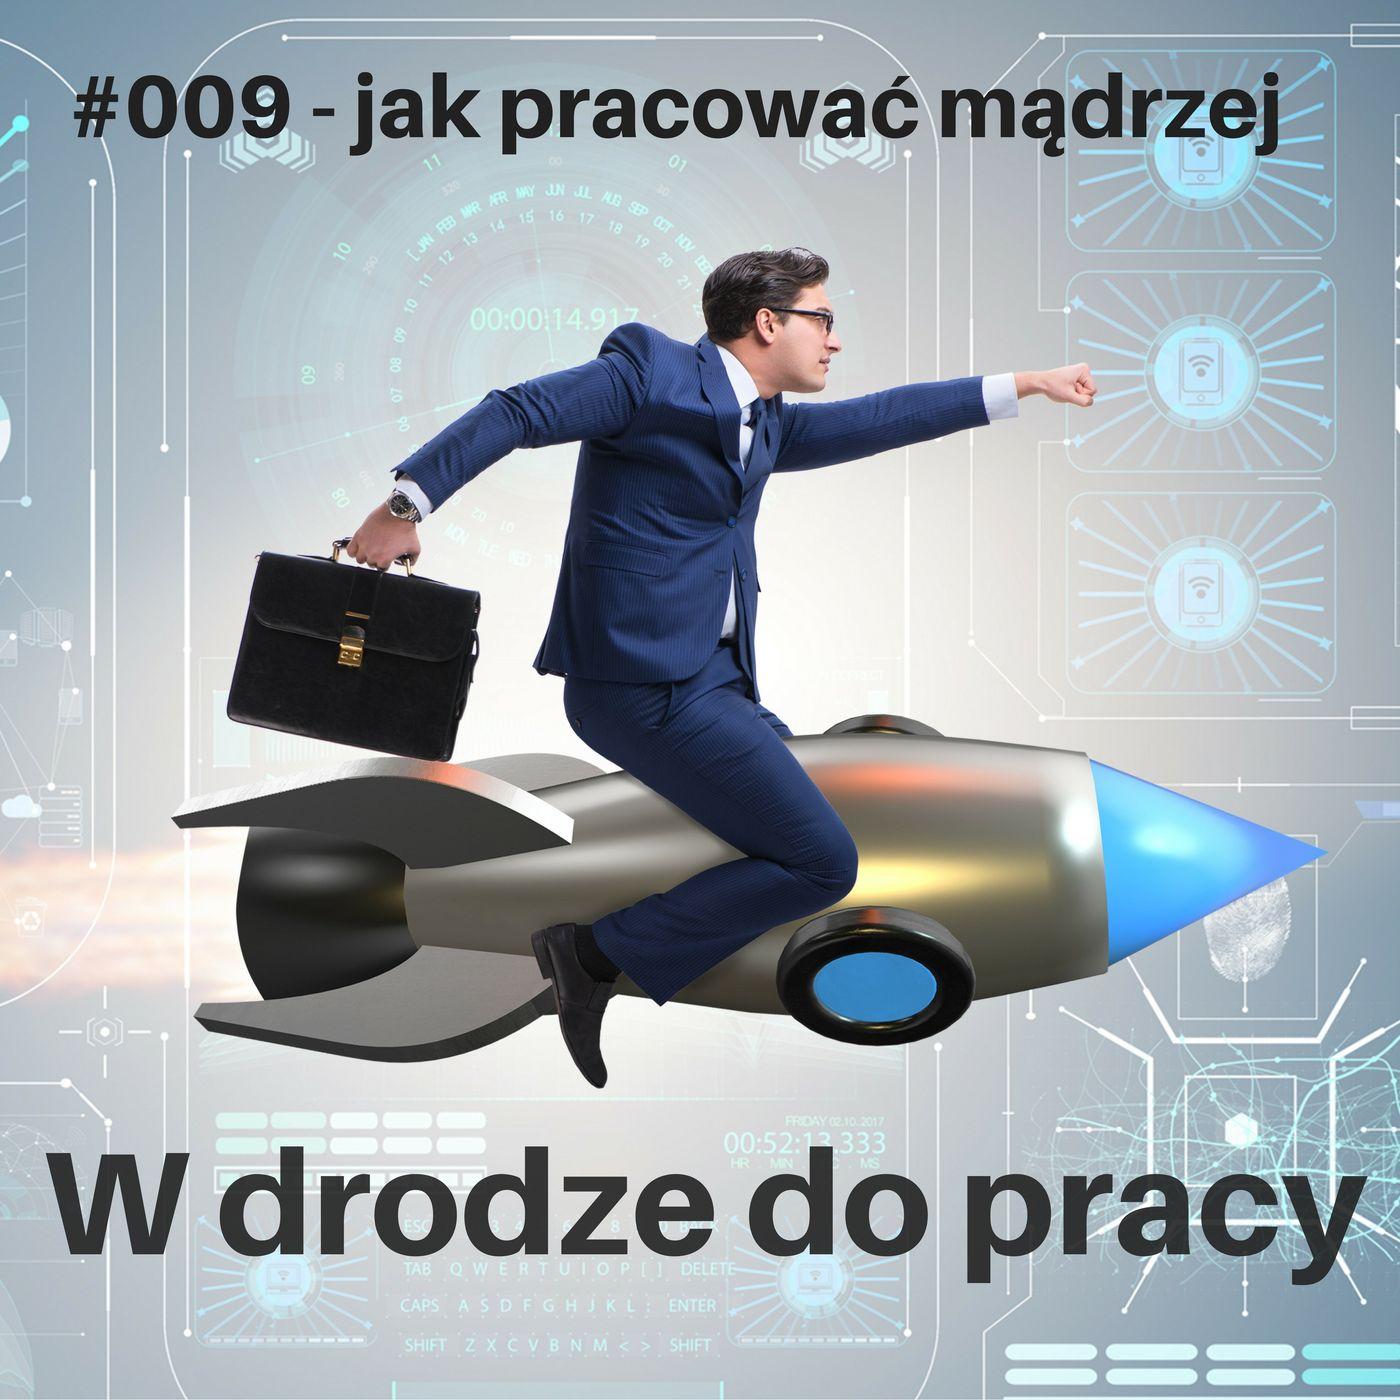 #009 - jak pracować mądrzej, czyli jak usprawnić organizację pracy